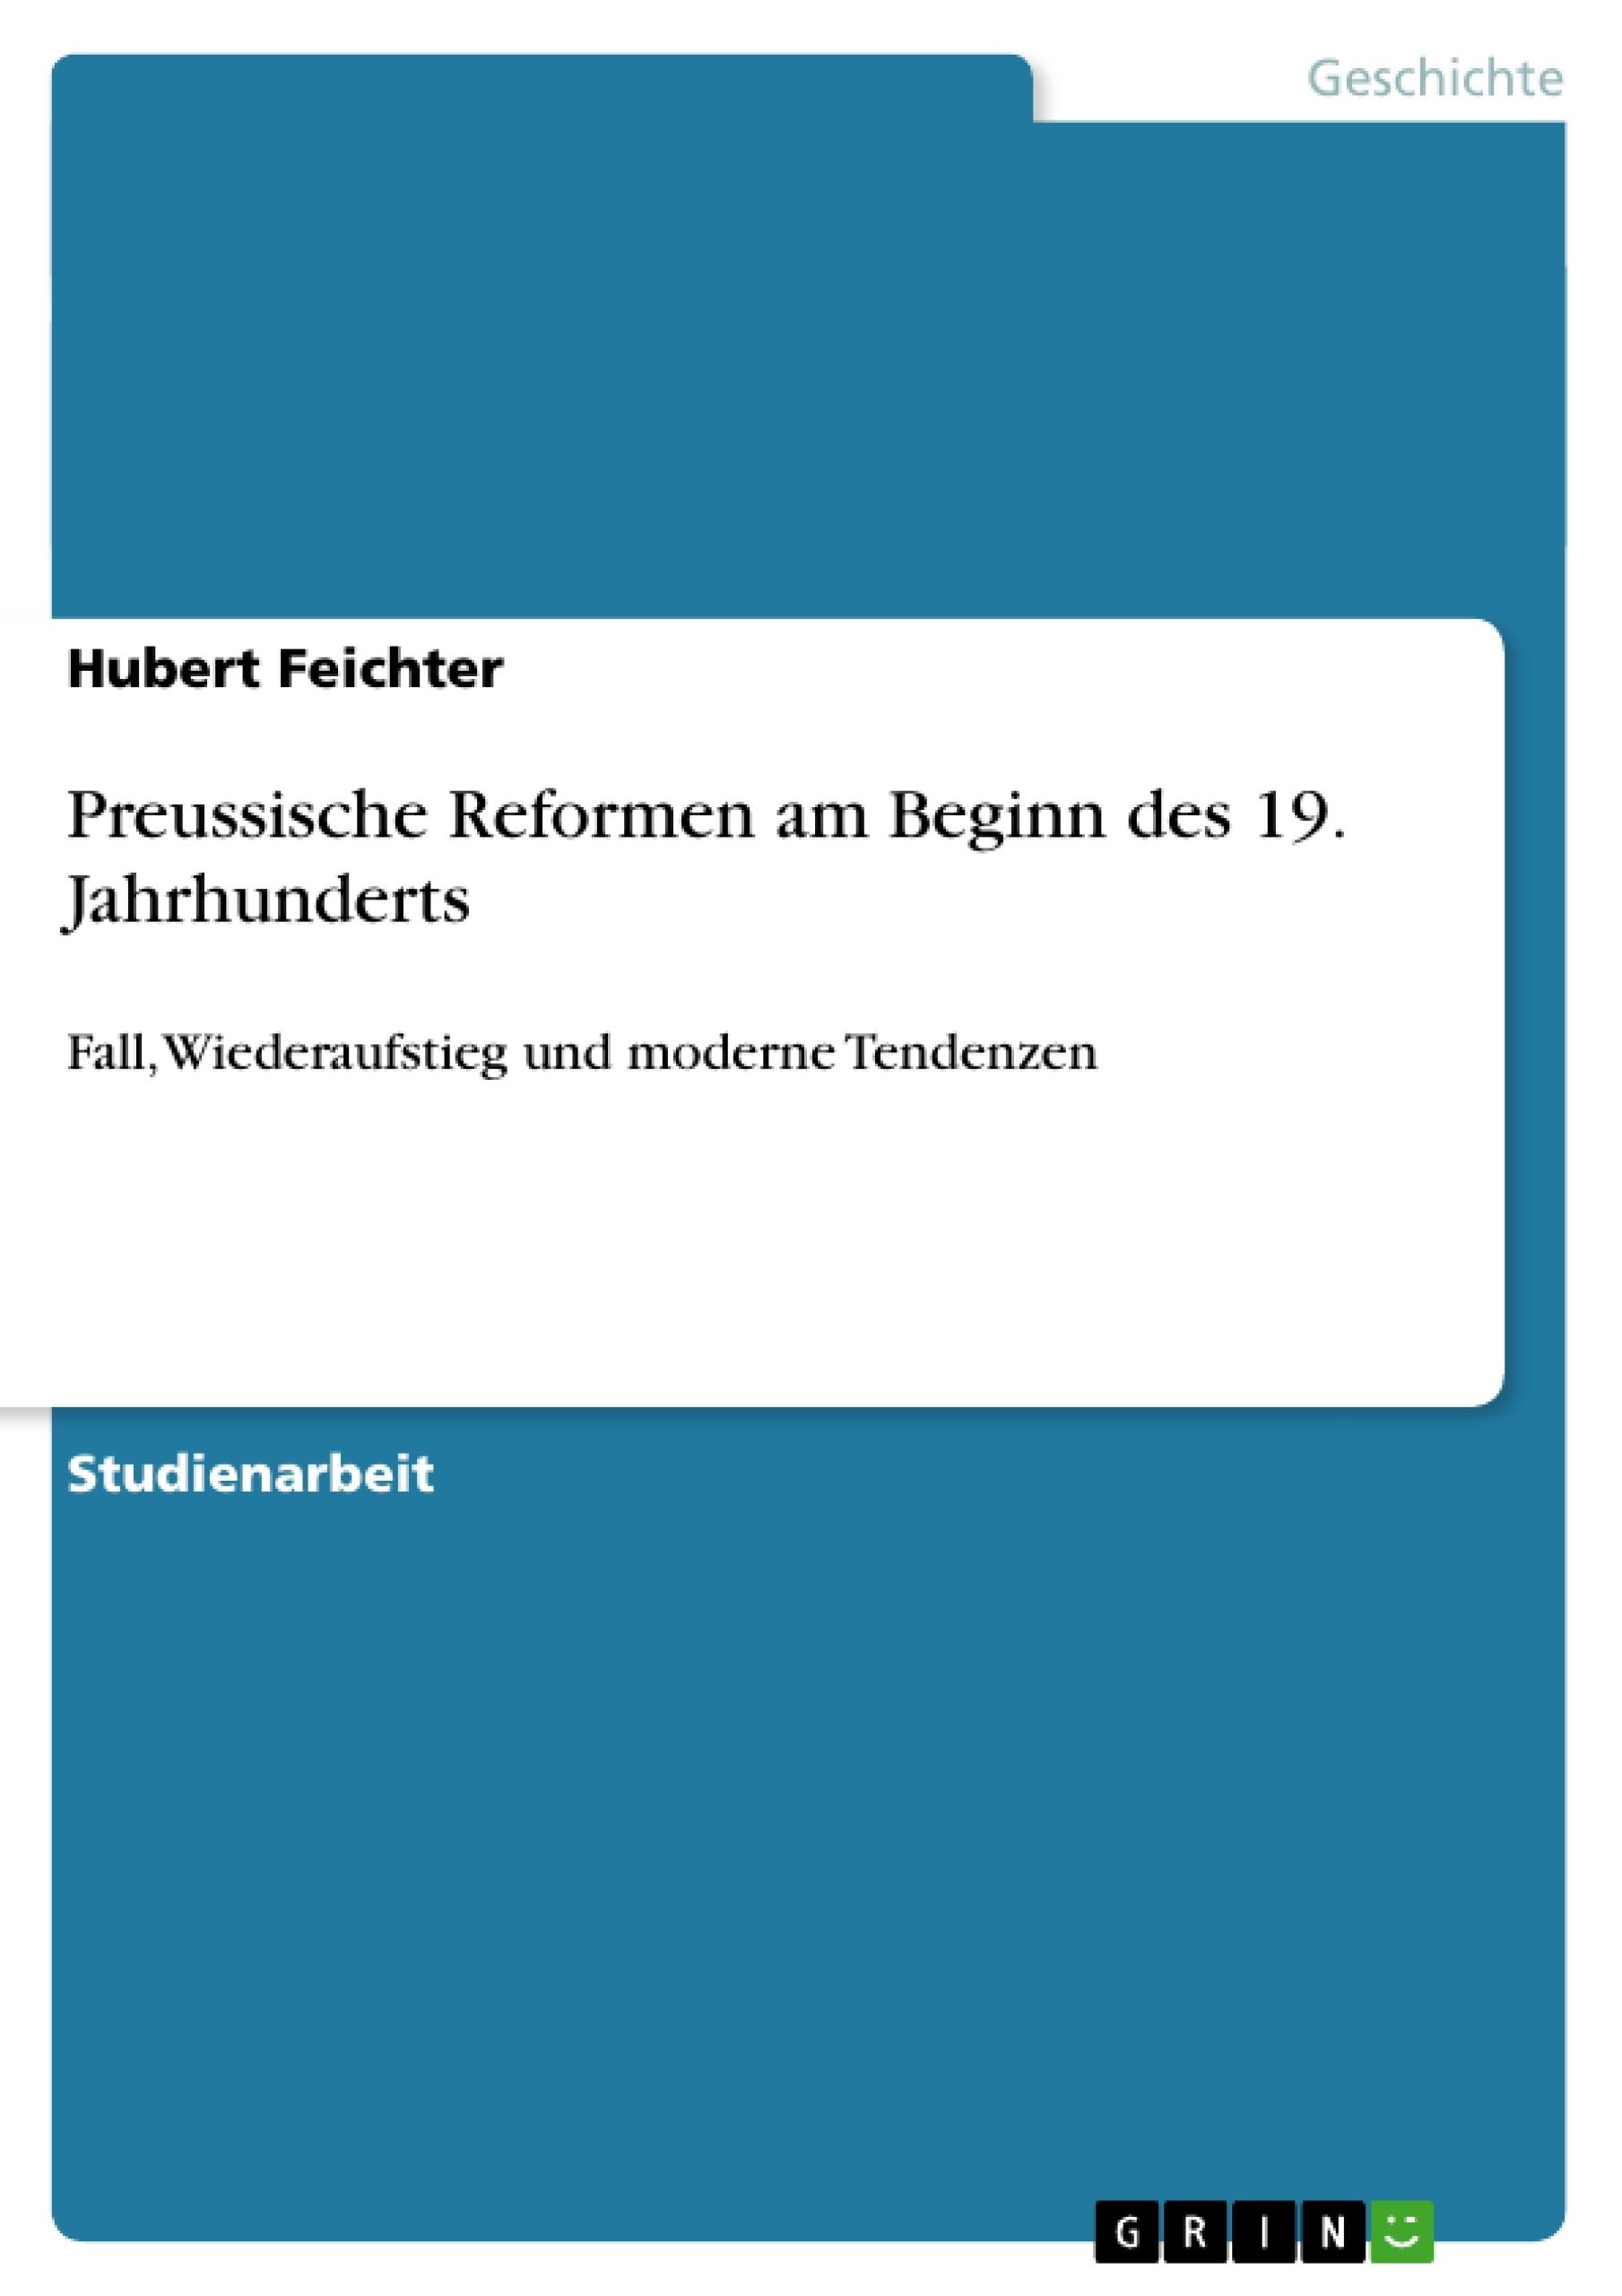 Titel: Preussische Reformen am Beginn des 19. Jahrhunderts